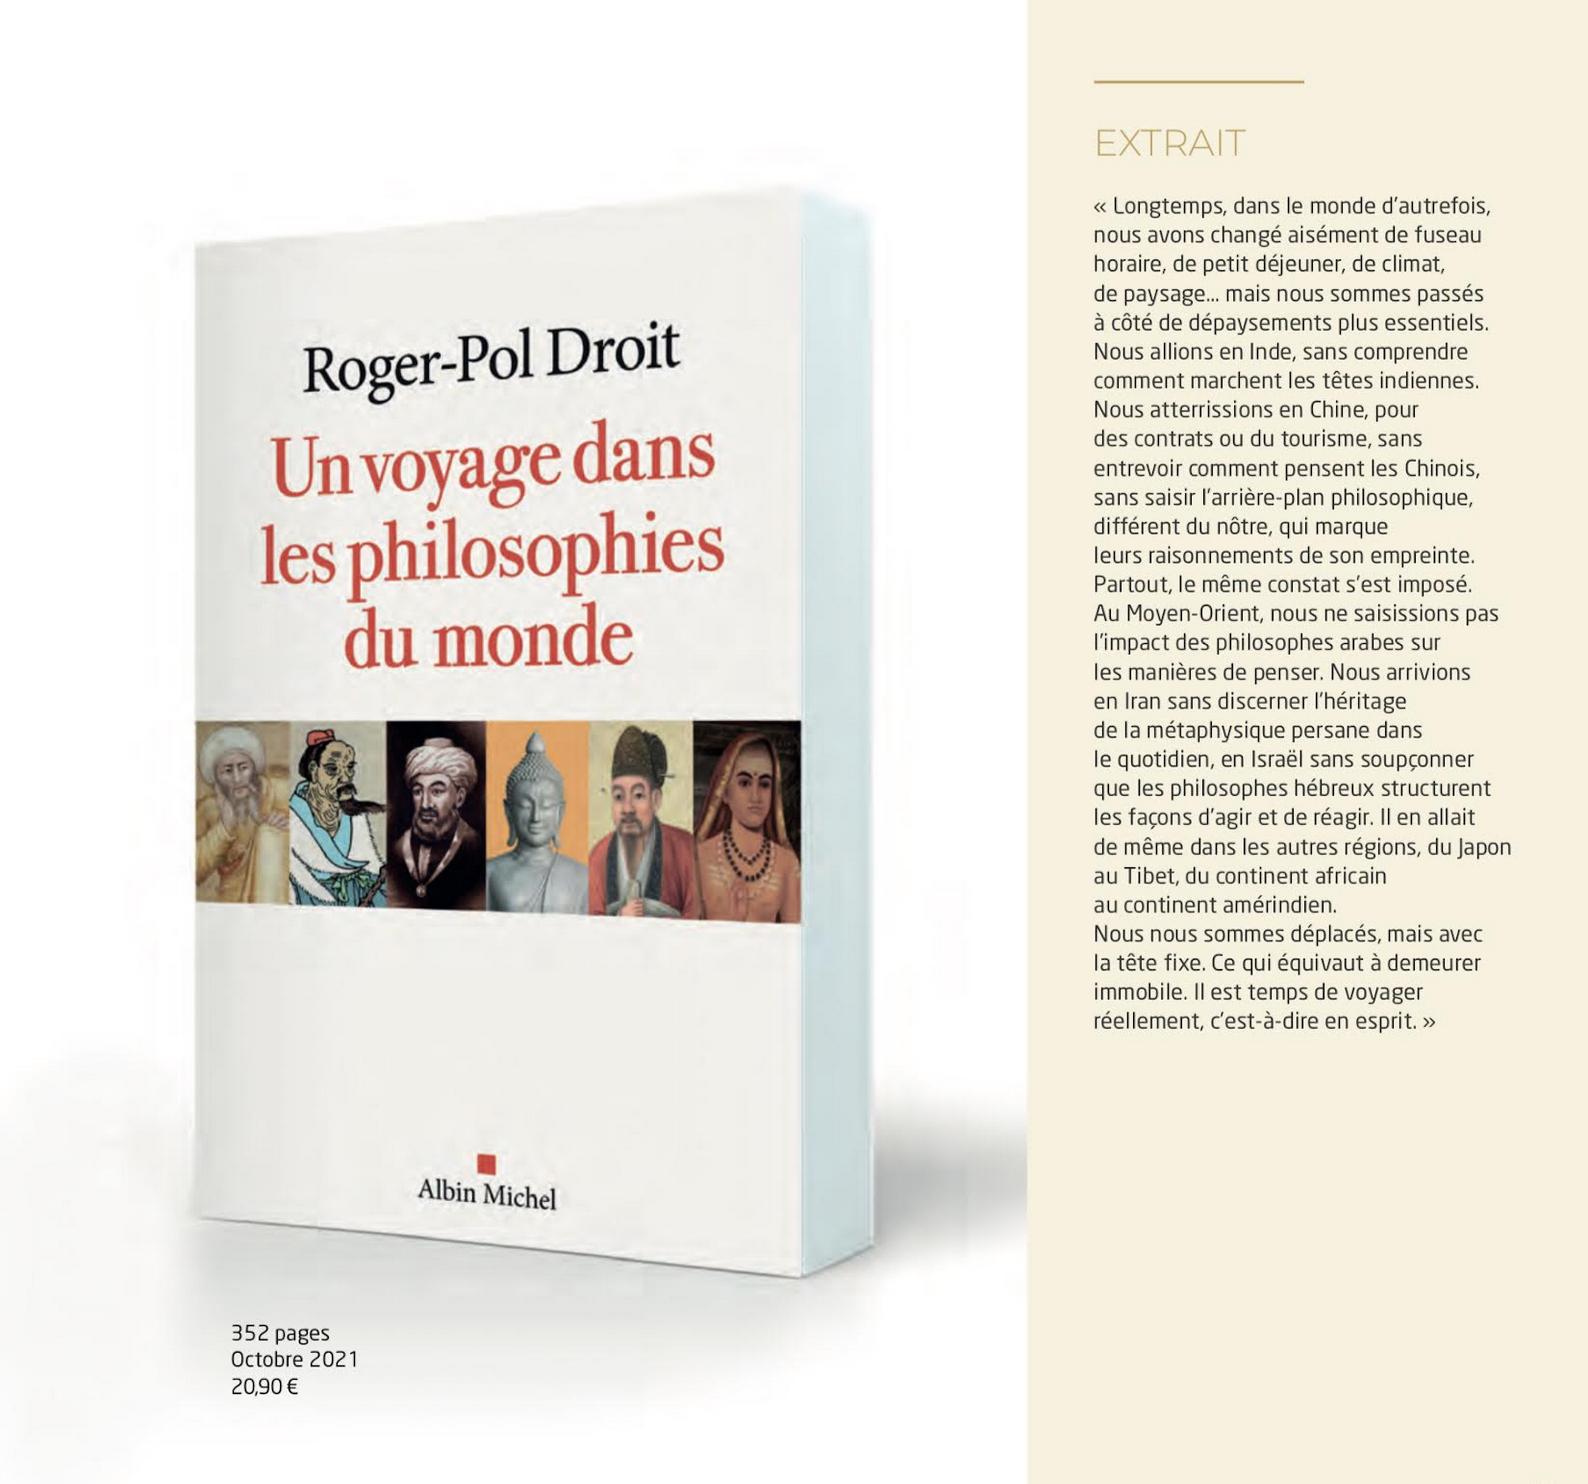 brochure_Un_voyage_dans_les_philosophies_du_monde_02